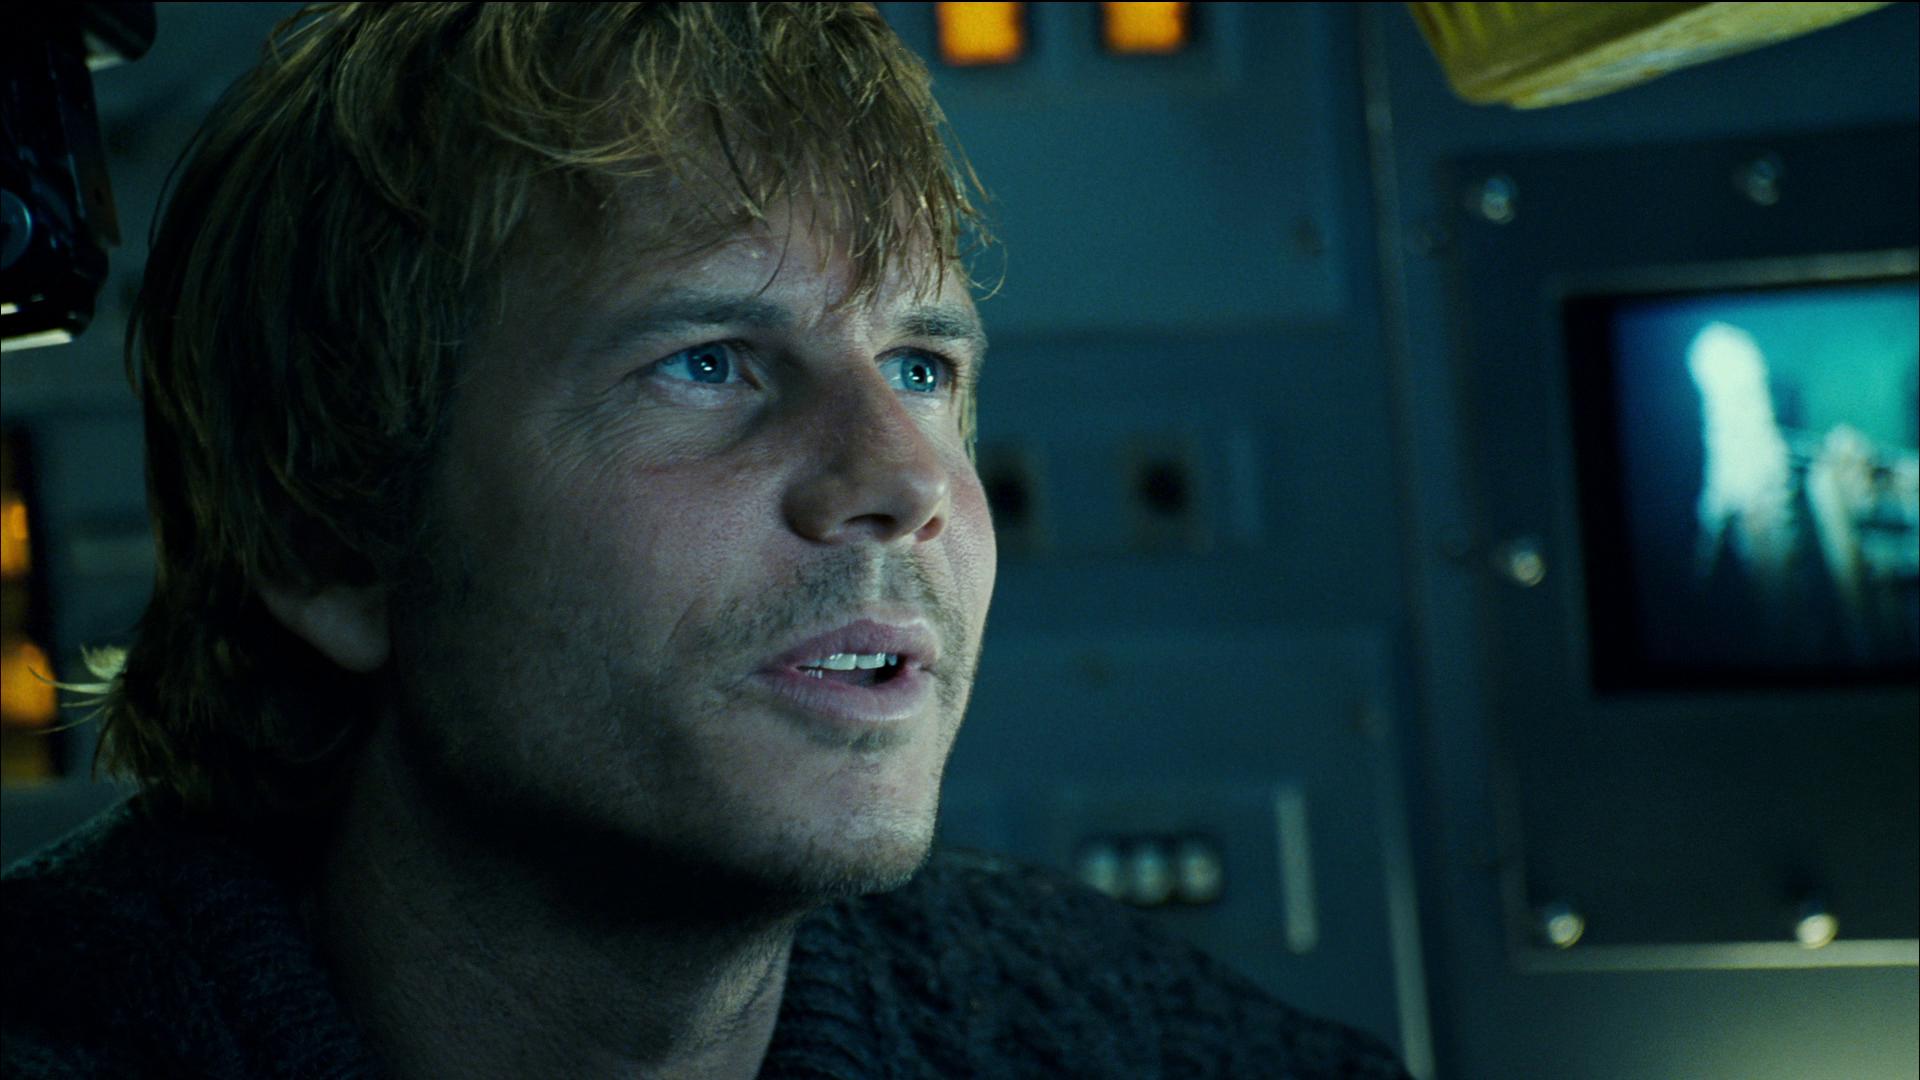 Em Titanic, Bill Paxton era um explorador que buscava joias nos destroços do navio - Divulgação/ND